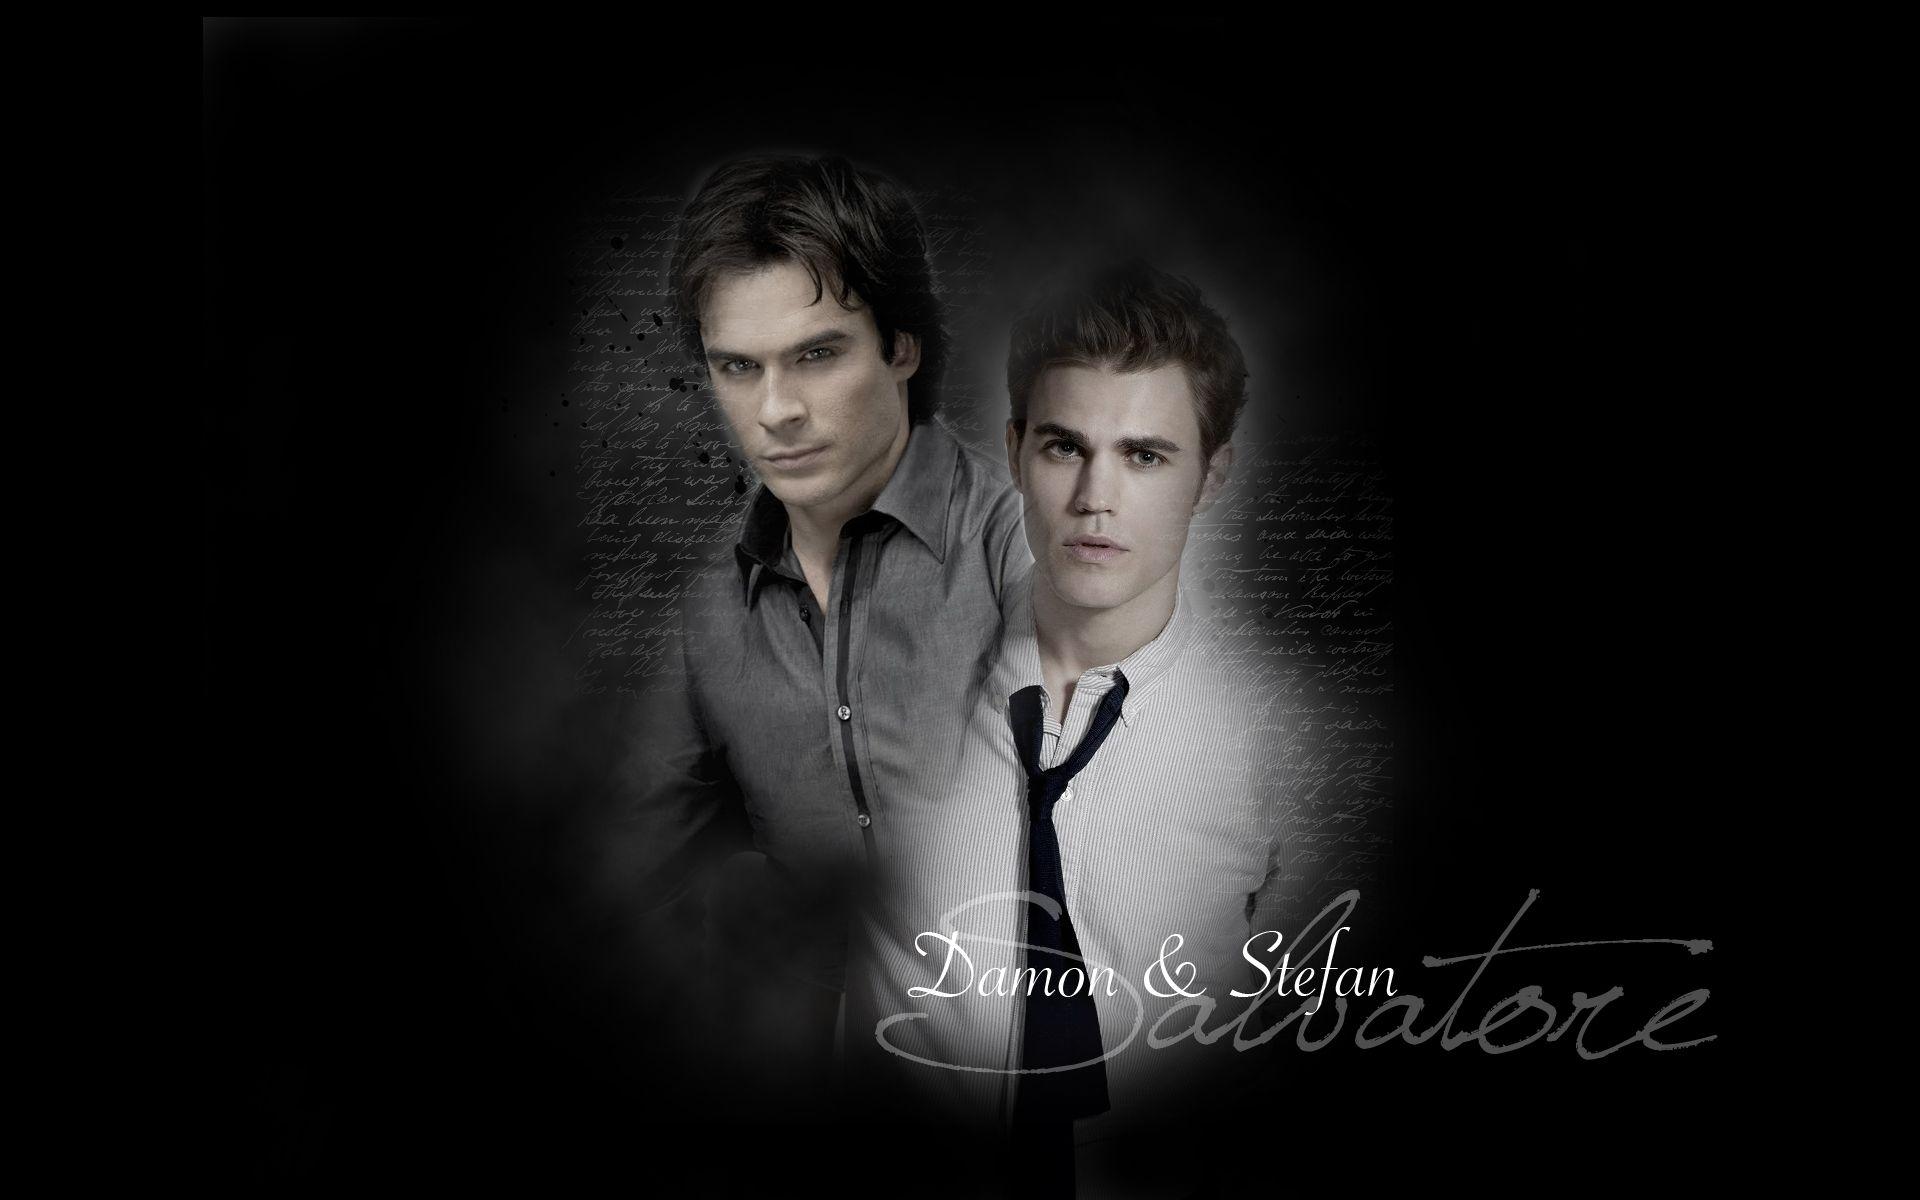 Vampires Diaries Wallpapers